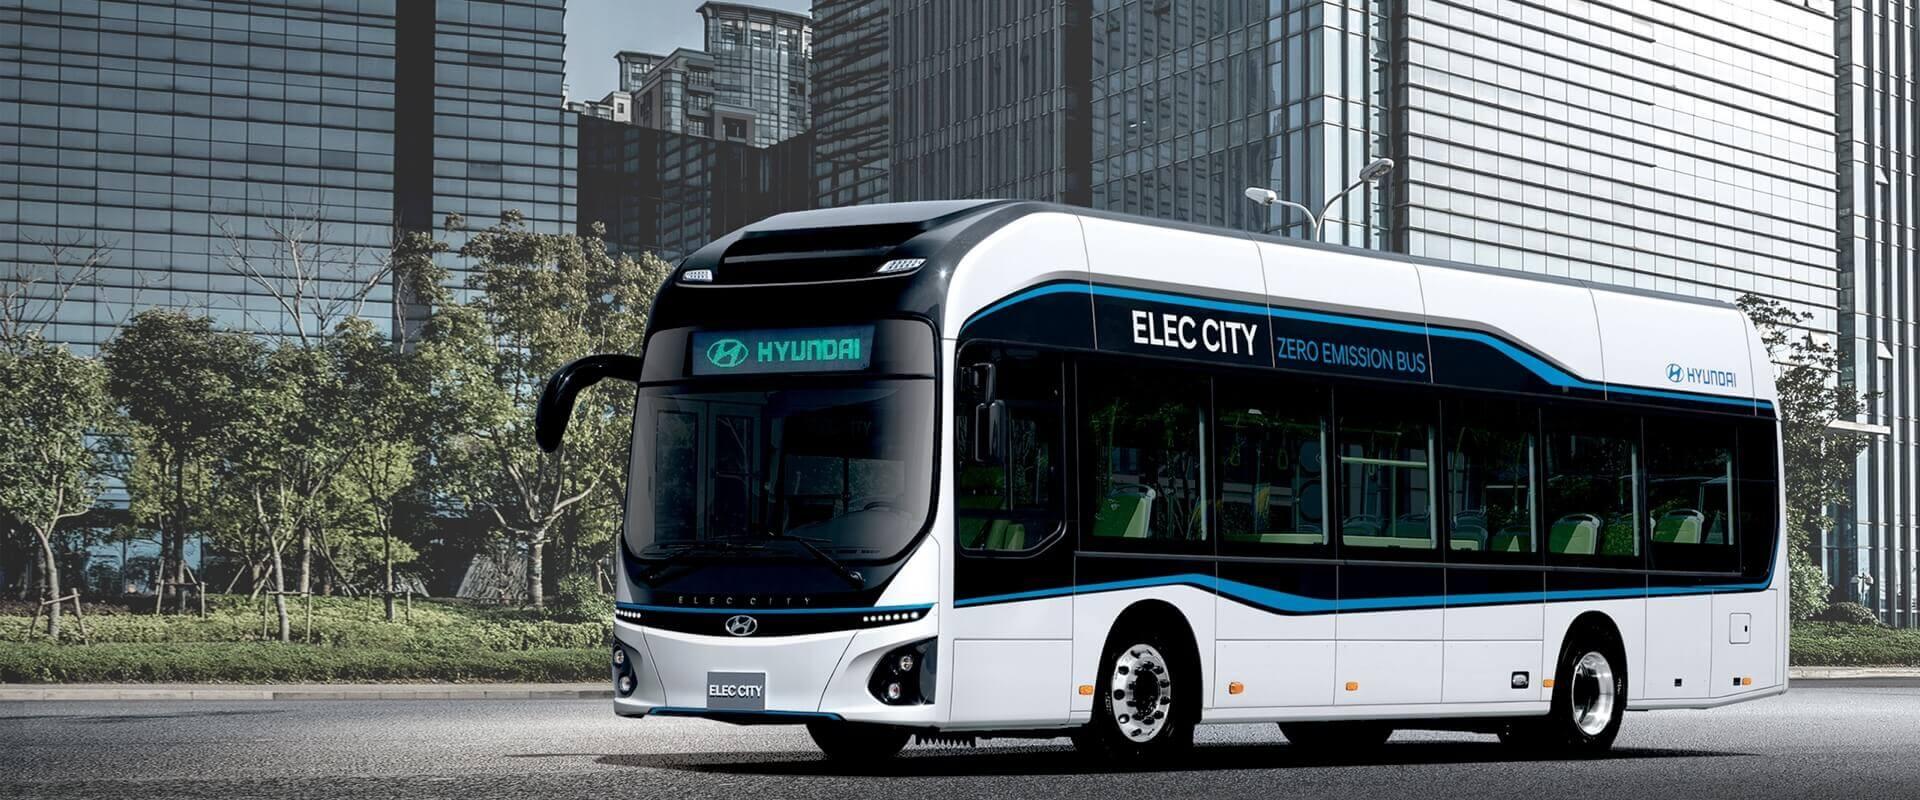 Электрический автобус Hyundai Elec City